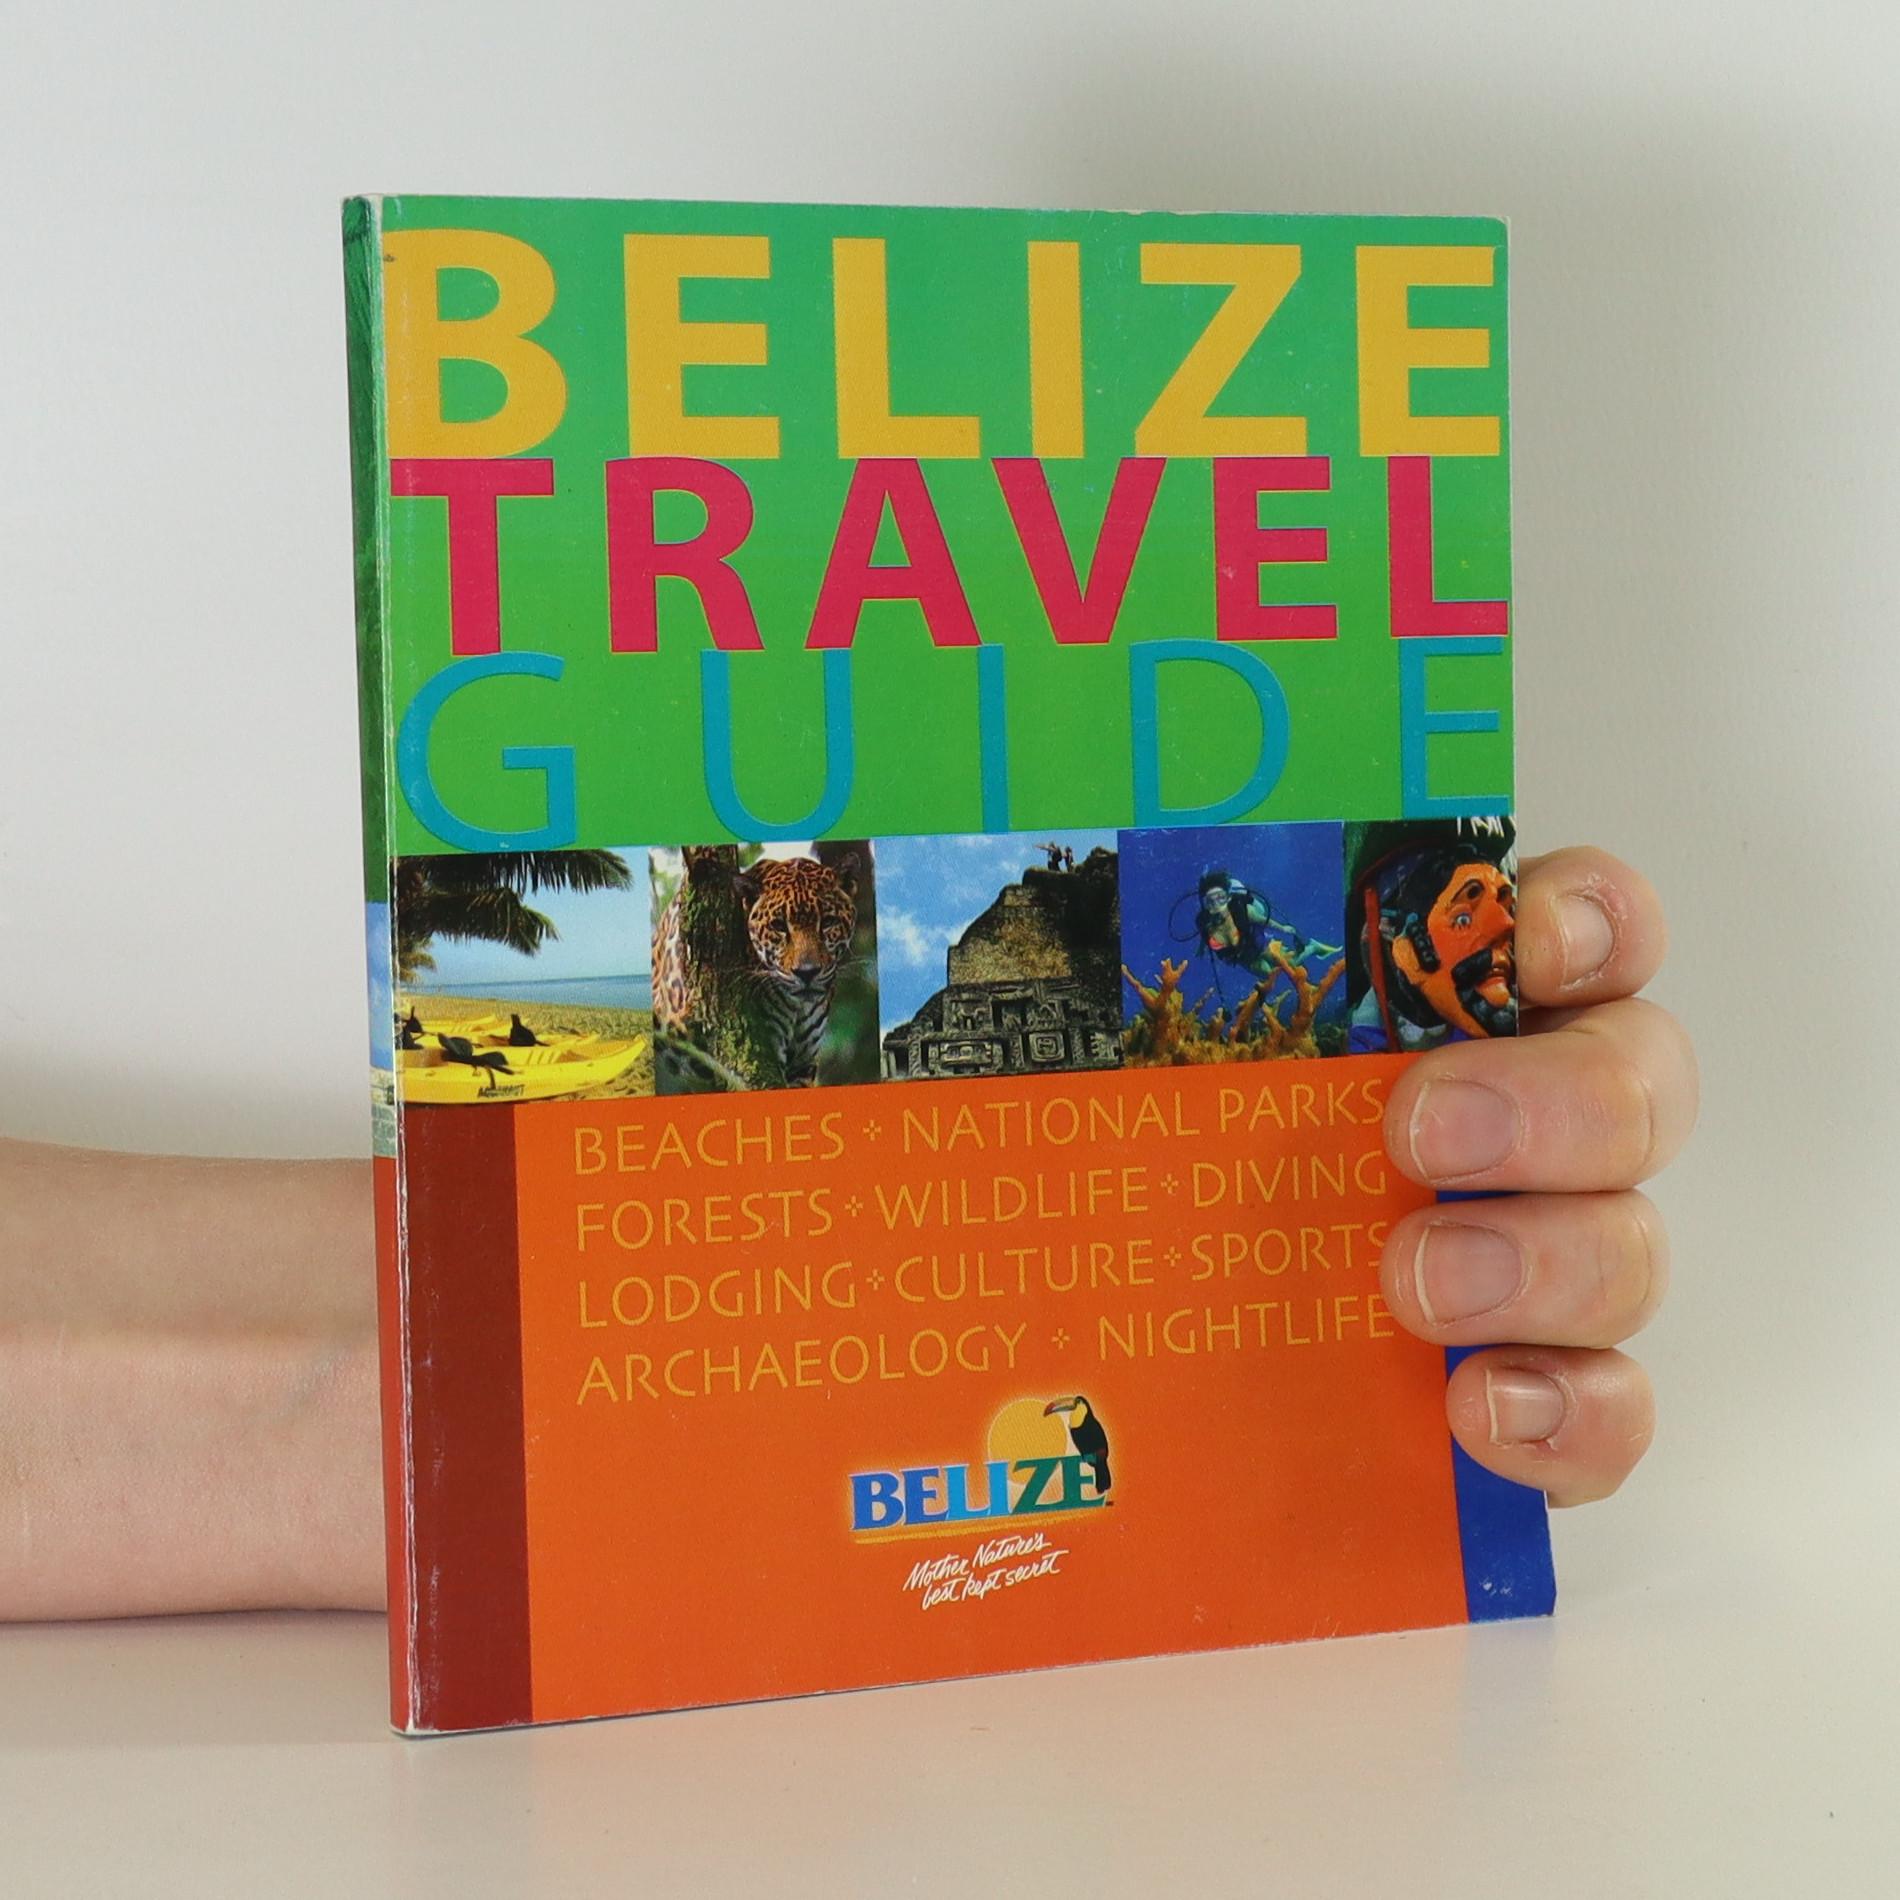 antikvární kniha Belize Travel Guide, neuveden